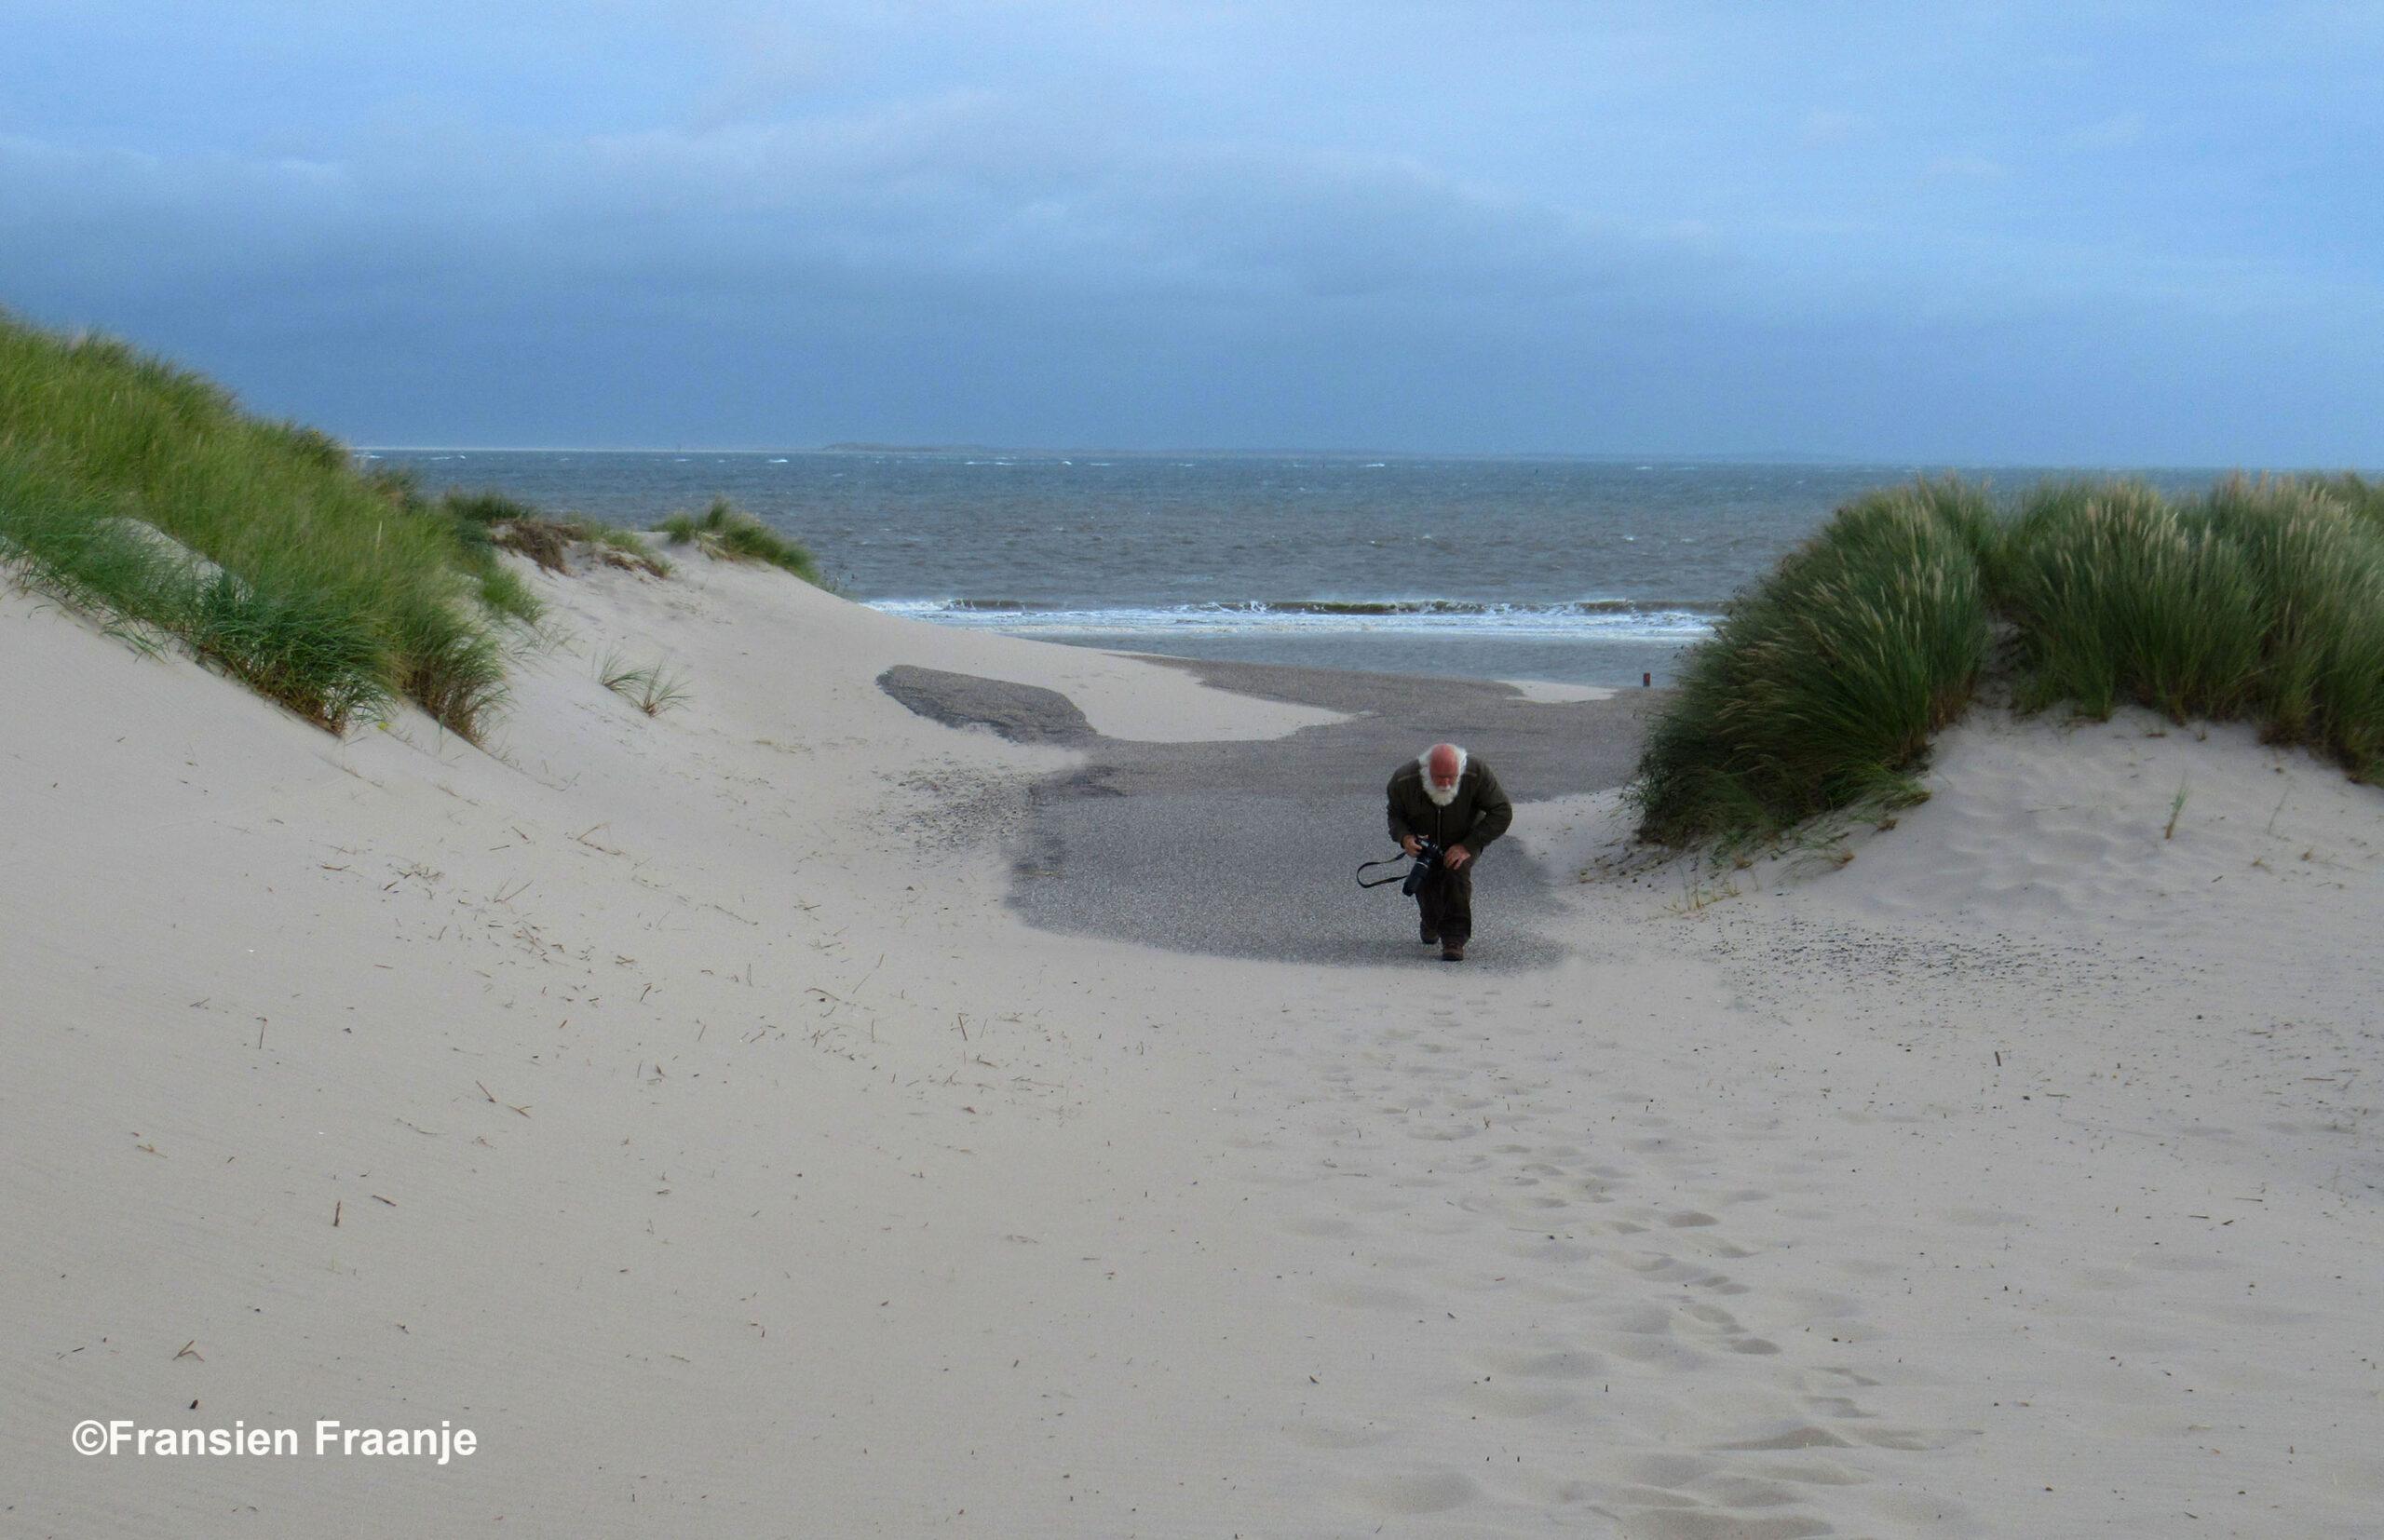 """De laatste loodjes vanaf het strand naar boven. """"Hee ouwe, effe door douwe!"""" - Foto: ©Fransien Fraanje"""